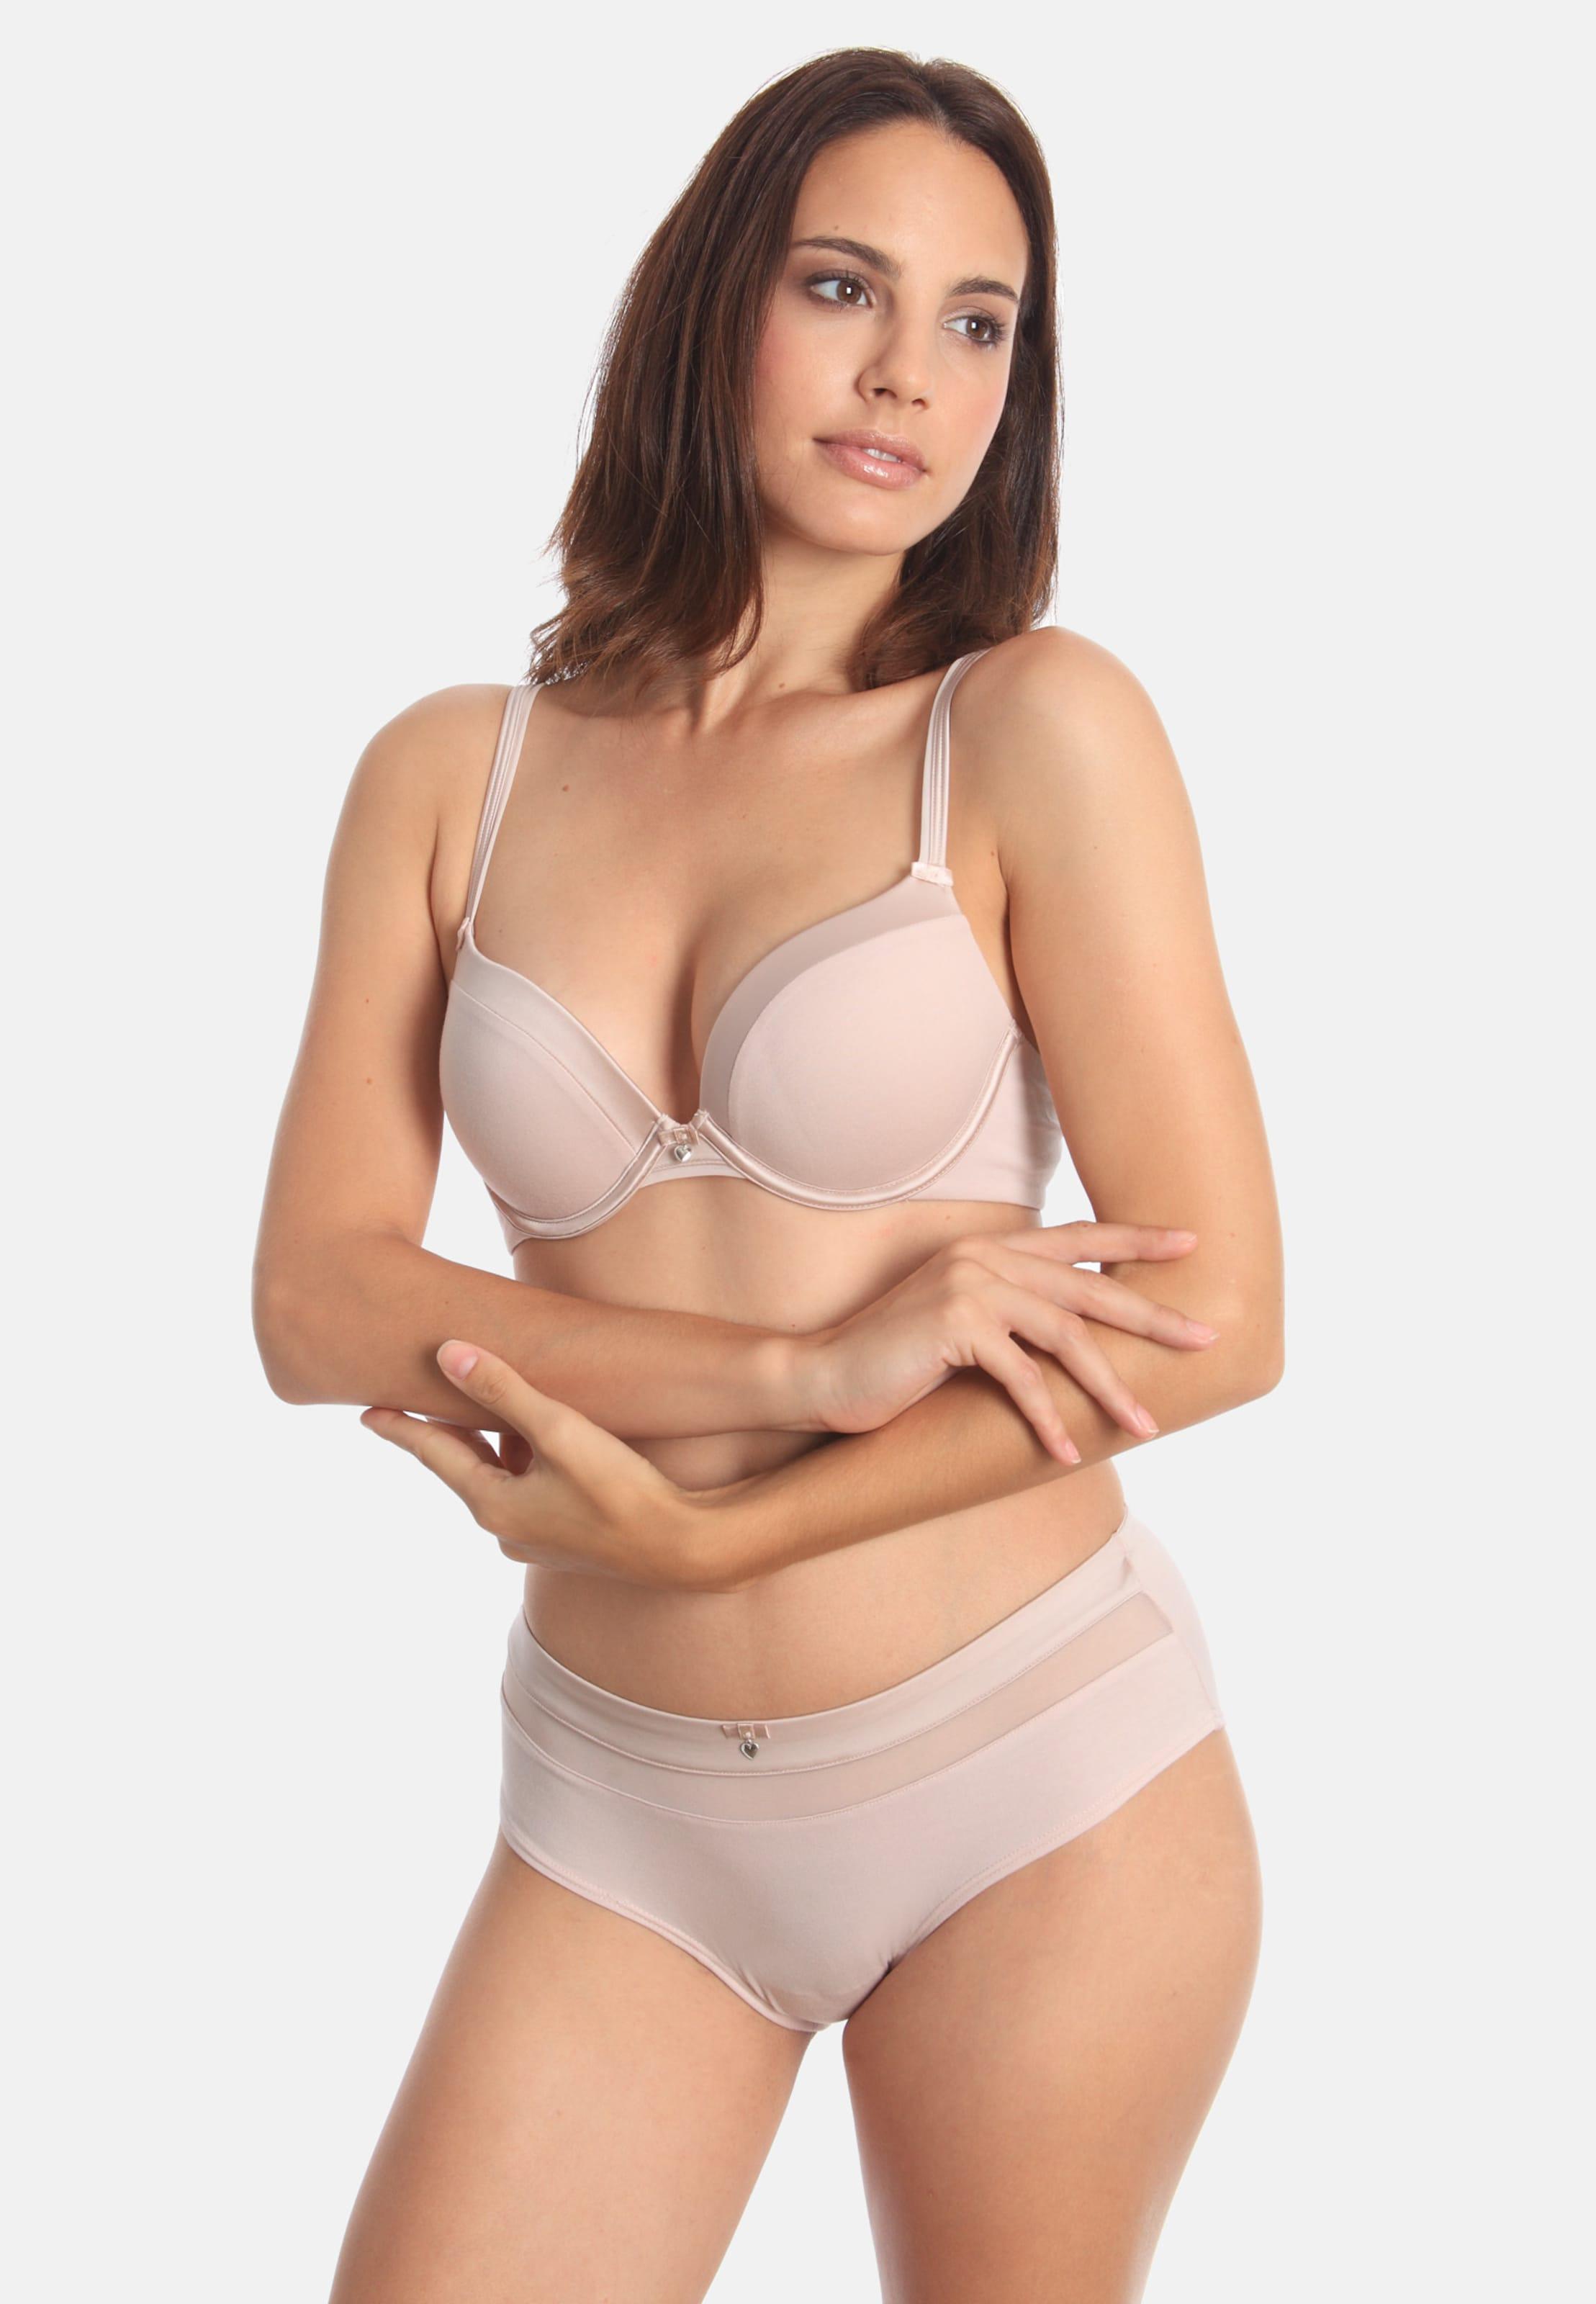 Panty In Morning' Sassa 'sensual Nude tQCxsrhdB